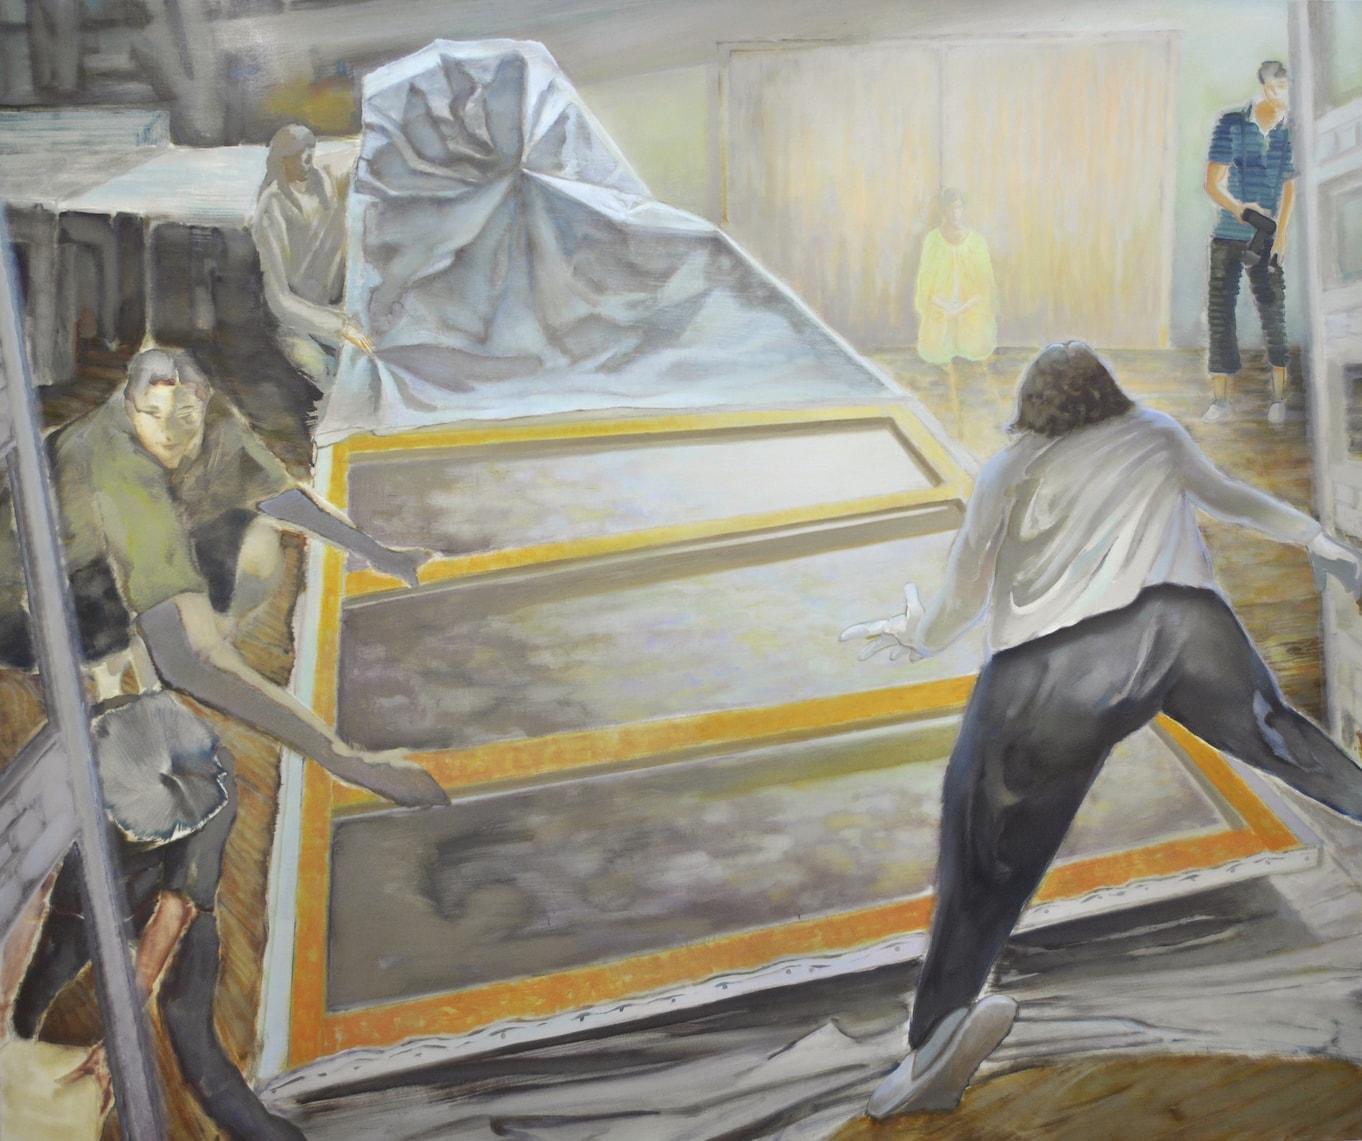 (写真について)田中秀介「寄ってたかって偶発寓意」 2017年 キャンバスに油彩 162×194cm